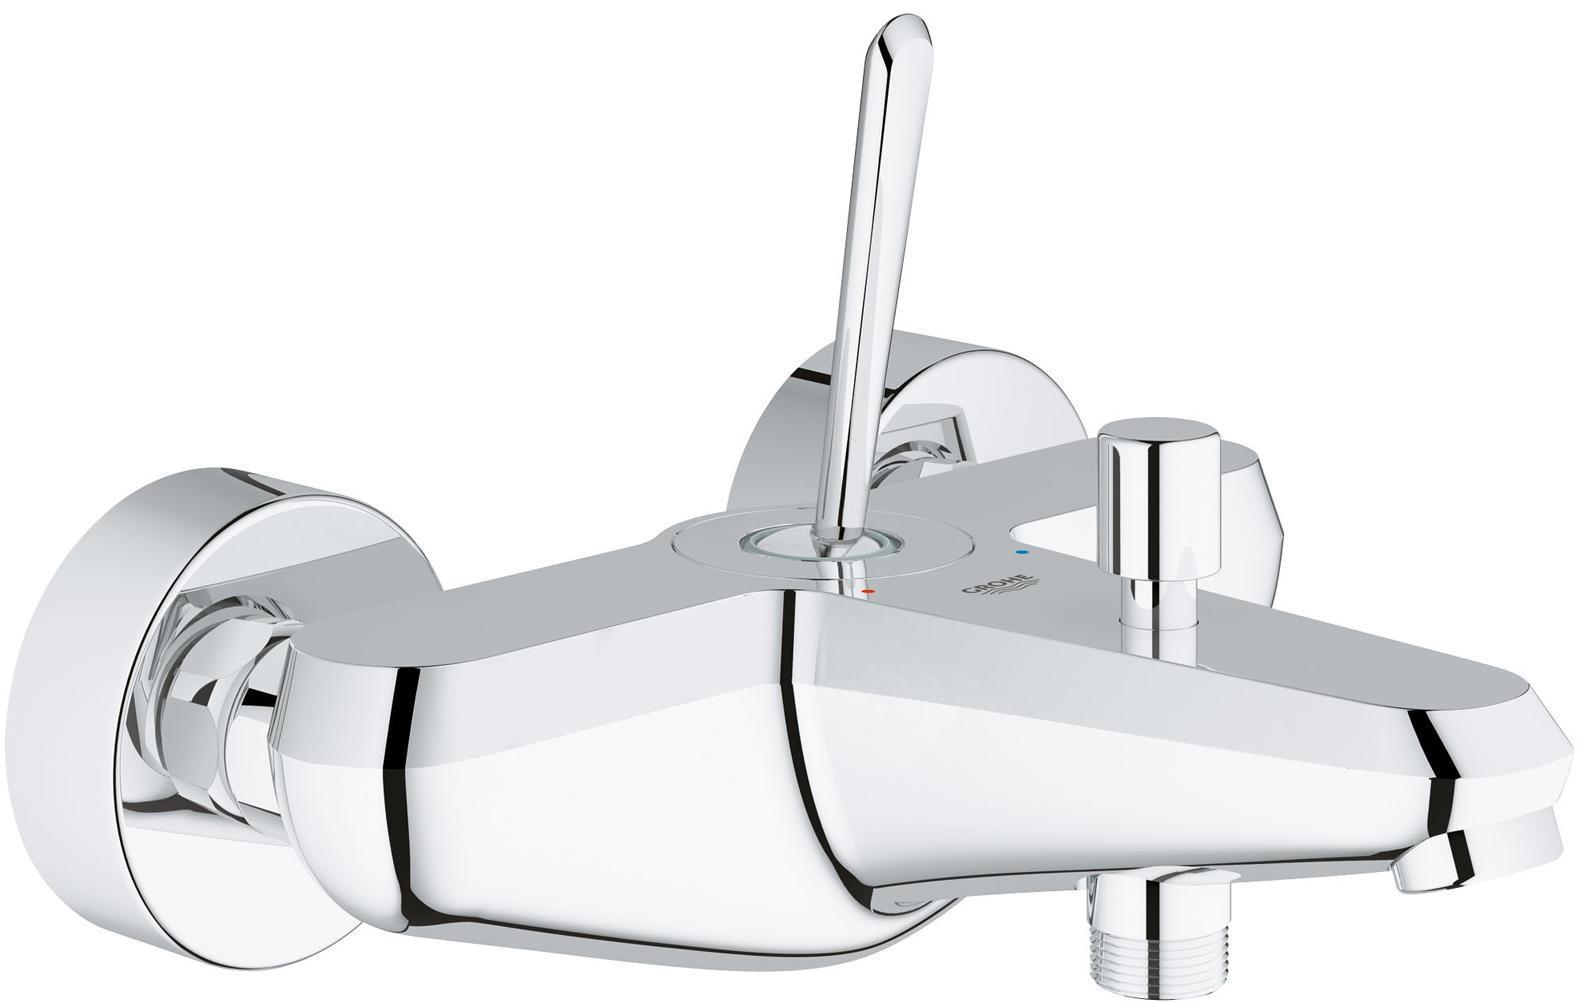 Смеситель для ванны GROHE Eurodisc Joy, хром23431000Управление одним кончиком пальца Инновационный механизм управления с помощью джойстика, в котором воплотилась сама суть концепции дизайна коллекции Eurodisc, представляет собой неповторимое эстетическое решение. Эта модель с невероятно легким управлением станет украшением любой ванной комнаты.Выбор покрытия и размера модели Белоснежное глянцевое покрытие с хромированными элементами представляет собой оригинальную альтернативу классическому хромированному покрытию и гармонично впишется в интерьер любой ванной комнаты. Определившись с моделью смесителя для раковины среди коллекций GROHE, вы сможете выбрать не только покрытие, но и размер смесителя в соответствии с потребностями вашей семьи. Для обеспечения комфорта при различных условиях использования в нашем ассортименте представлены модели размеров s, M и XL.Скоординированный дизайн душевого оборудования Какое бы покрытие вы ни предпочли, будь то хромированное или белоснежное, в ассортименте GROHE найдутся ручные и верхние души, безупречно гармонирующие с дизайном Eurodisc Joystick.Механизм Joystick — с расчетом на долгую службу Данная модель, в которой легендарные рабочие качества классической серии Eurodisc cosmopolitan объединились с точным механизмом управления на базе джойстика, выпускается в двух вариантах покрытия: хромированном и белоснежном. Четкий скульптурный силуэт и основательный облик модели воплощают собой современный и динамичный стиль — настоящий образец актуального первоклассного дизайна.ОсобенностиСмеситель однорычажный для ванны настенный монтаж металлический рычаг GROHE SilkMove GROHE StarLight хромированная поверхностьвстроенный обратный клапан в душевом отводе 1/2? автоматический переключатель: ванна/душ аэратор скрытые S-образные эксцентрики с защитой от обратного потока Видео по установке является исключительно информационным. Установка должна проводиться профессионалами! Серия: Eurodisc Joy; цвет: хром